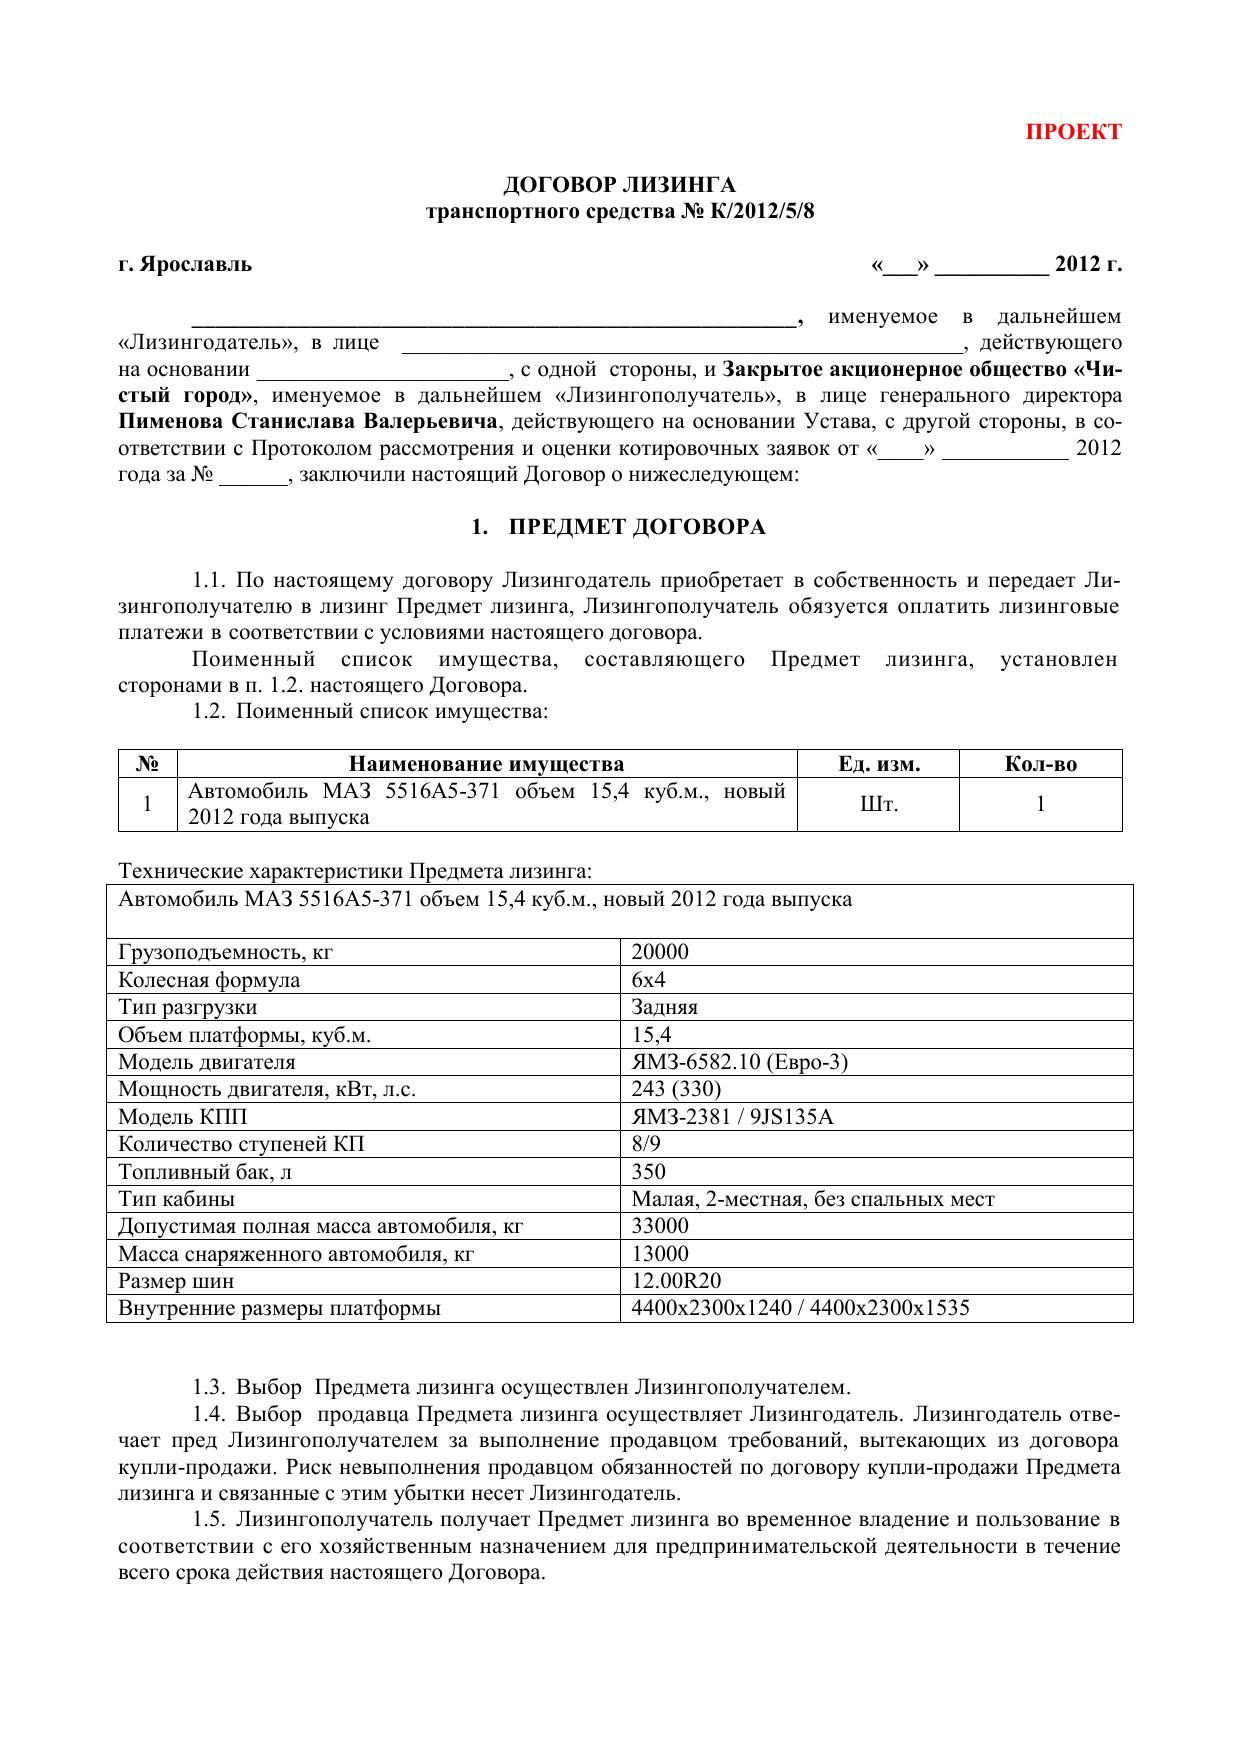 Документ подтверждающий вещное право, в случае аренды или лизинга ТС